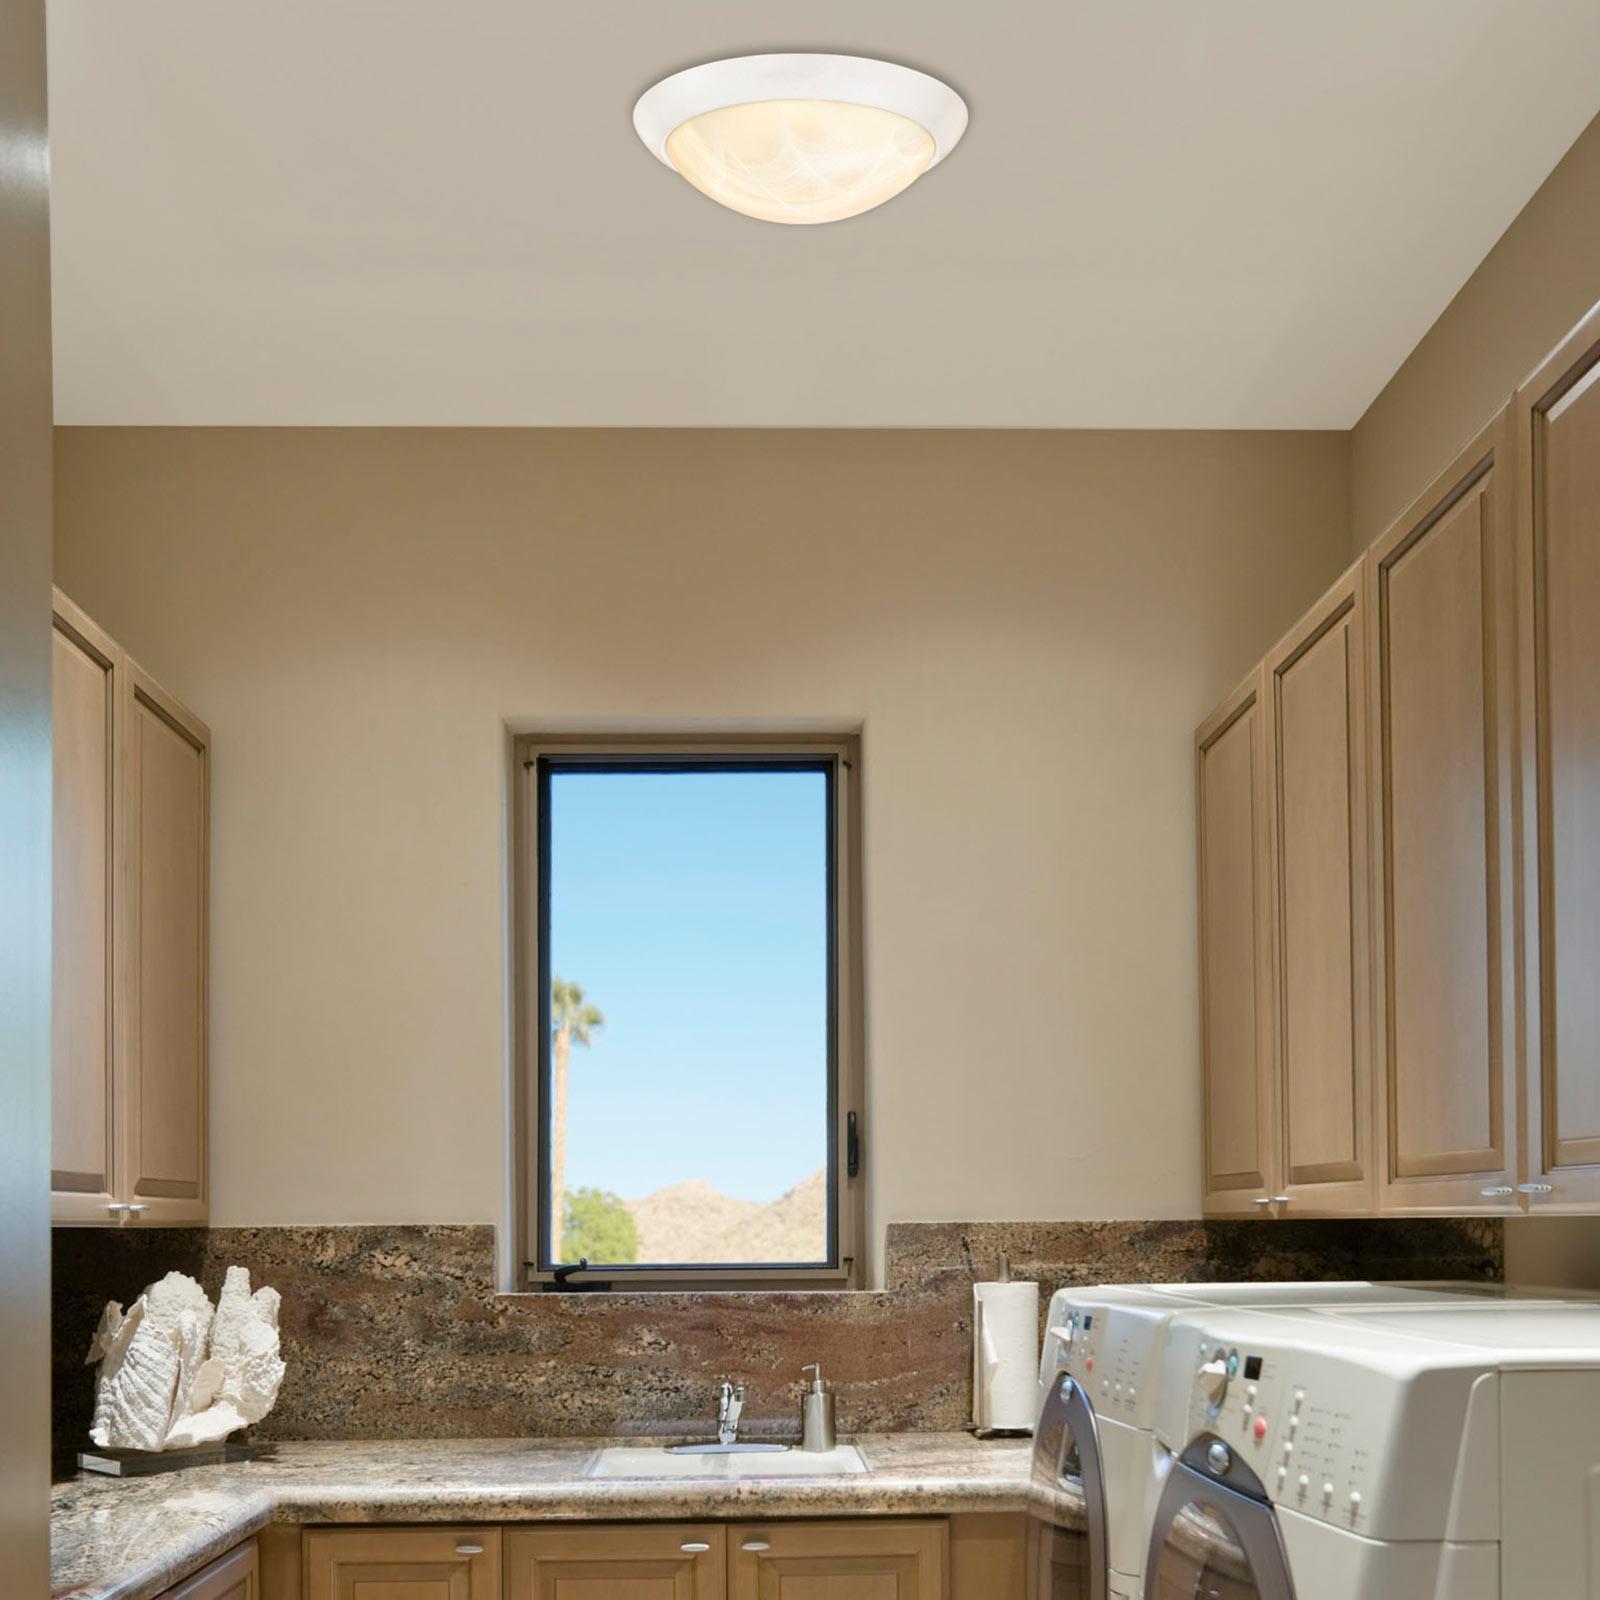 Westinghouse 6106640 -LED-kattovalaisin valkoinen